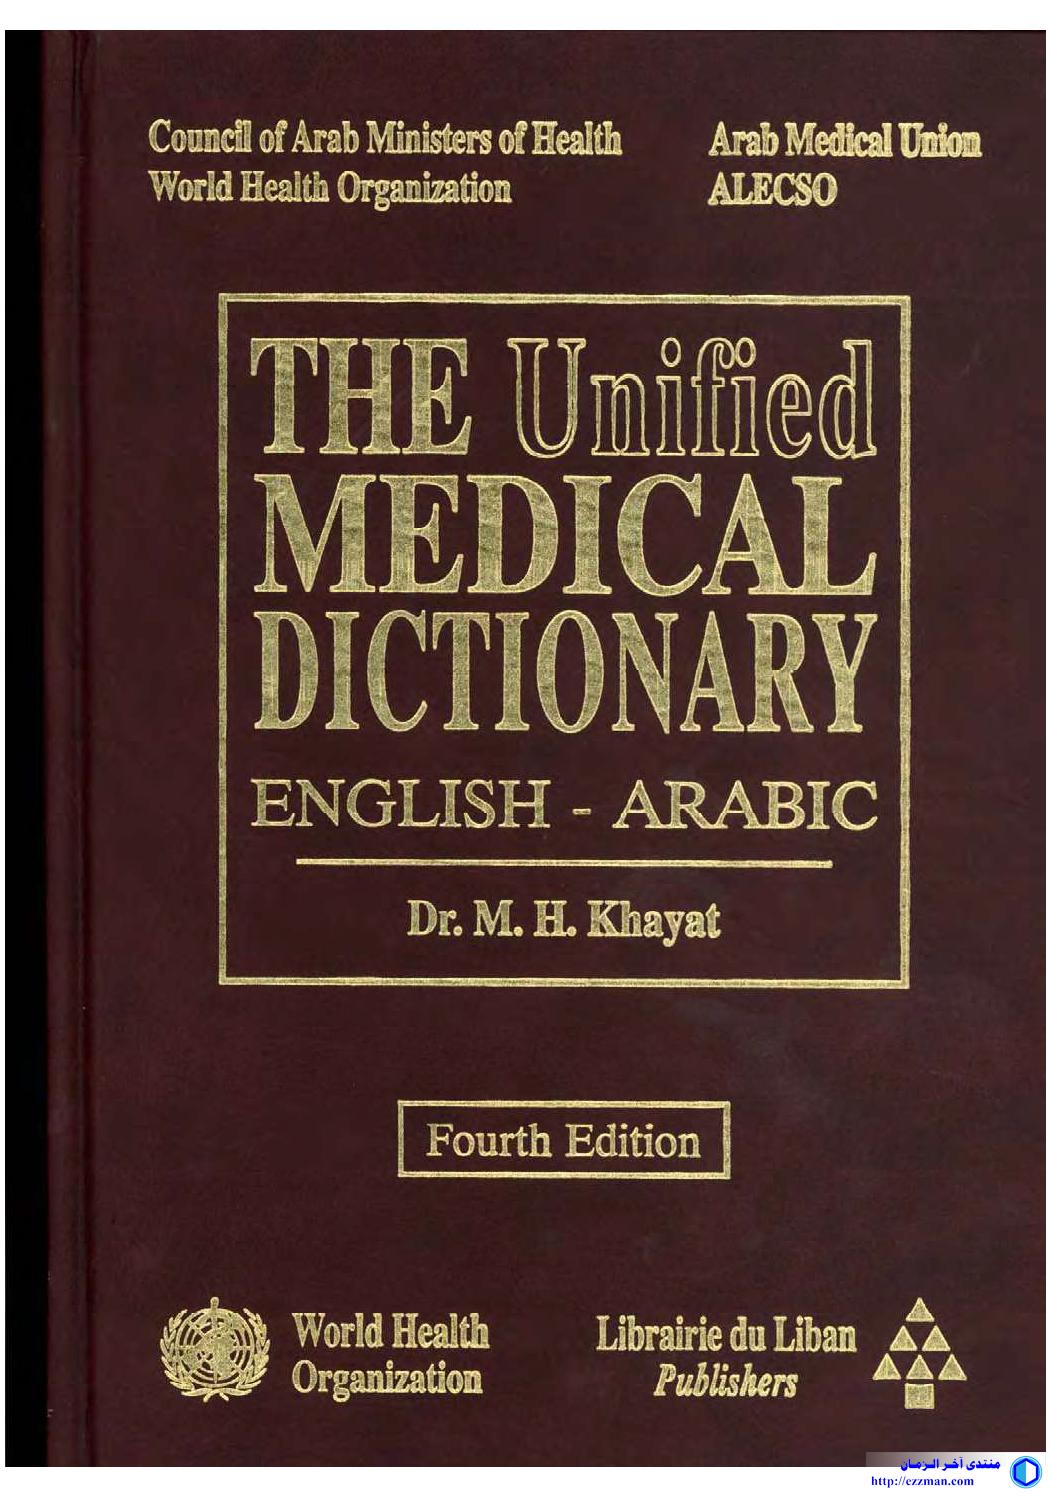 المعجم الطبي الموحد[عربي انجليزي]The unified